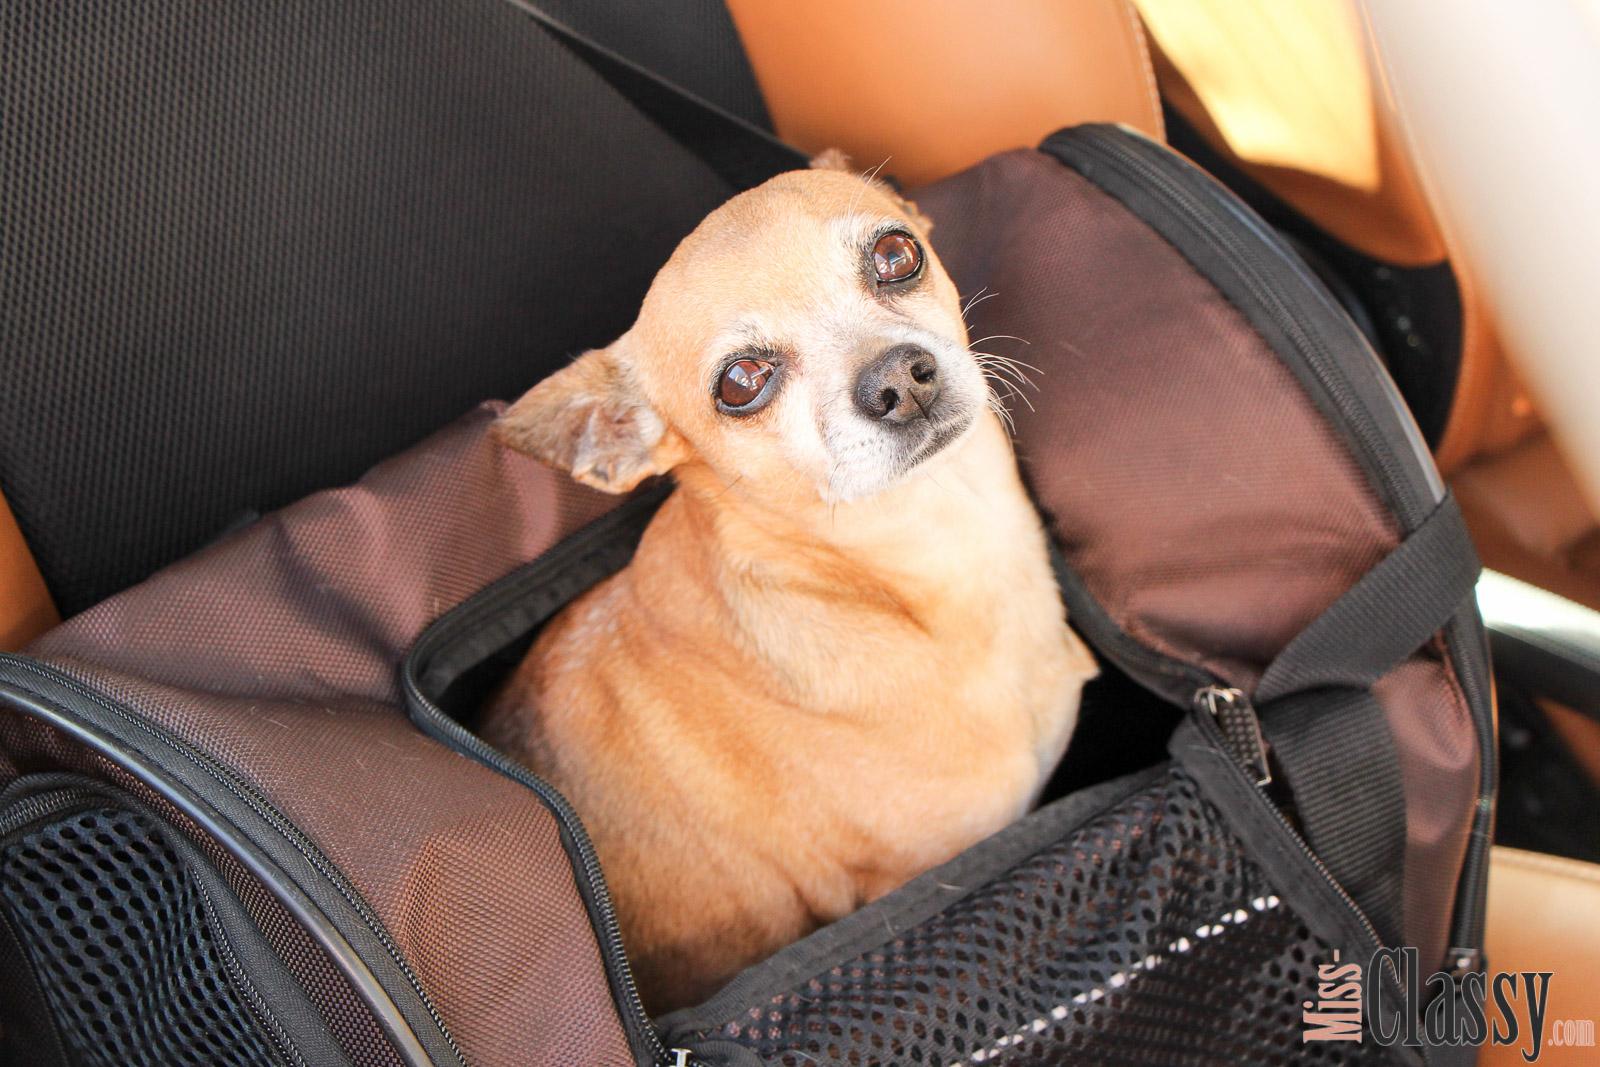 TRAVEL Verreisen mit dem Hund, Miss Classy, miss-classy.com, Lifestyleblog, Lifestyleblogger, Lifestyleblog Graz, Travelblog, Travelblogger, Graz, Steiermark, Österreich, classy, beclassy, Reise, Travel, Wanderlust, Wayfarer, Reise mit Hund, Reise mit Haustier, Hund, Dog, Chihuahua, ChiChi